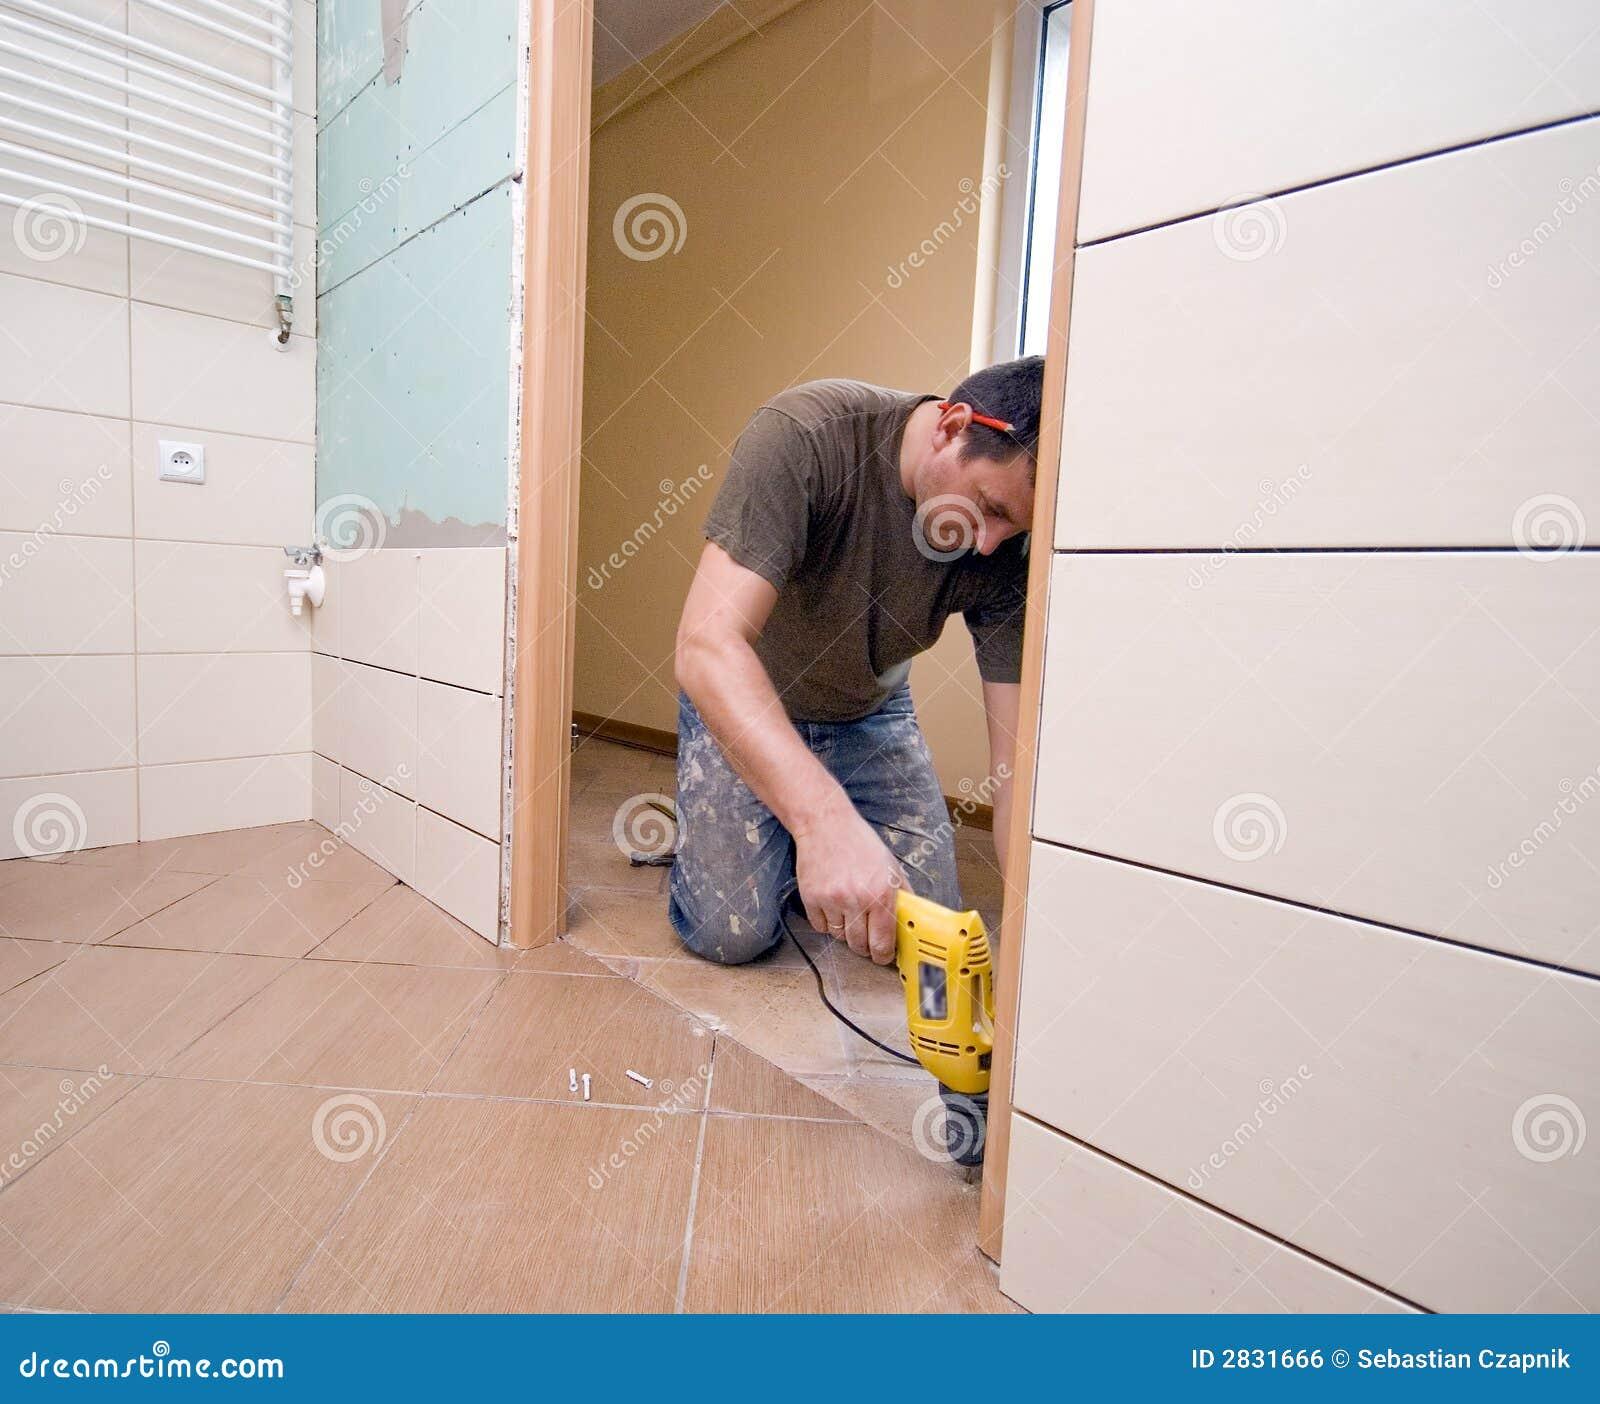 Drzwi do łazienki renowacja